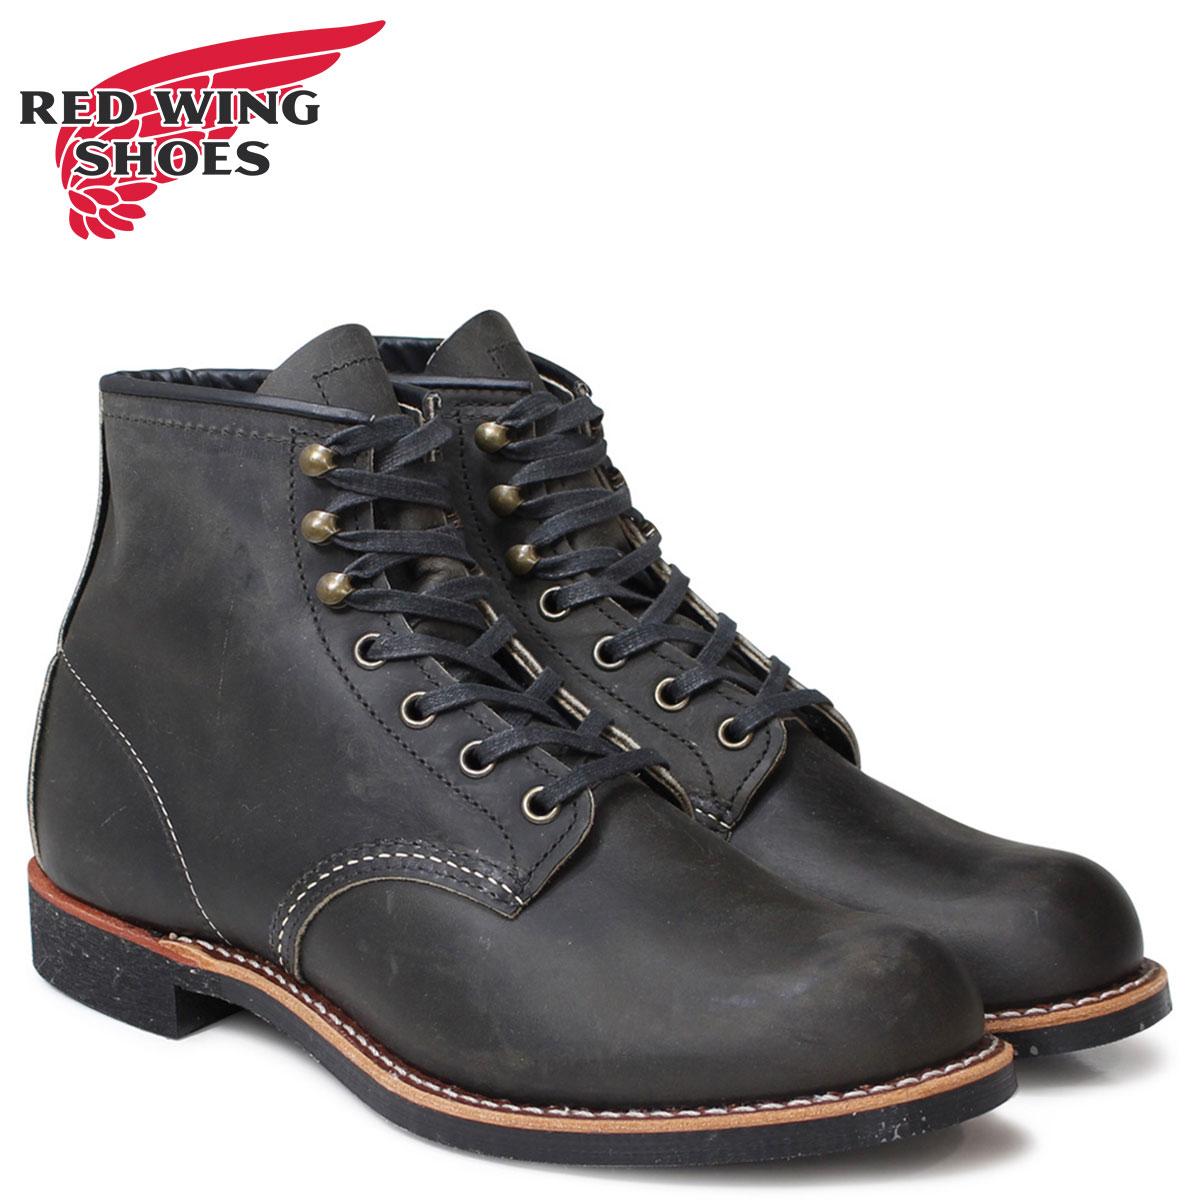 RED WING BLACKSMITH ROUND TOE レッドウィング ブーツ ブラックスミス メンズ Dワイズ ブラック 黒 3341